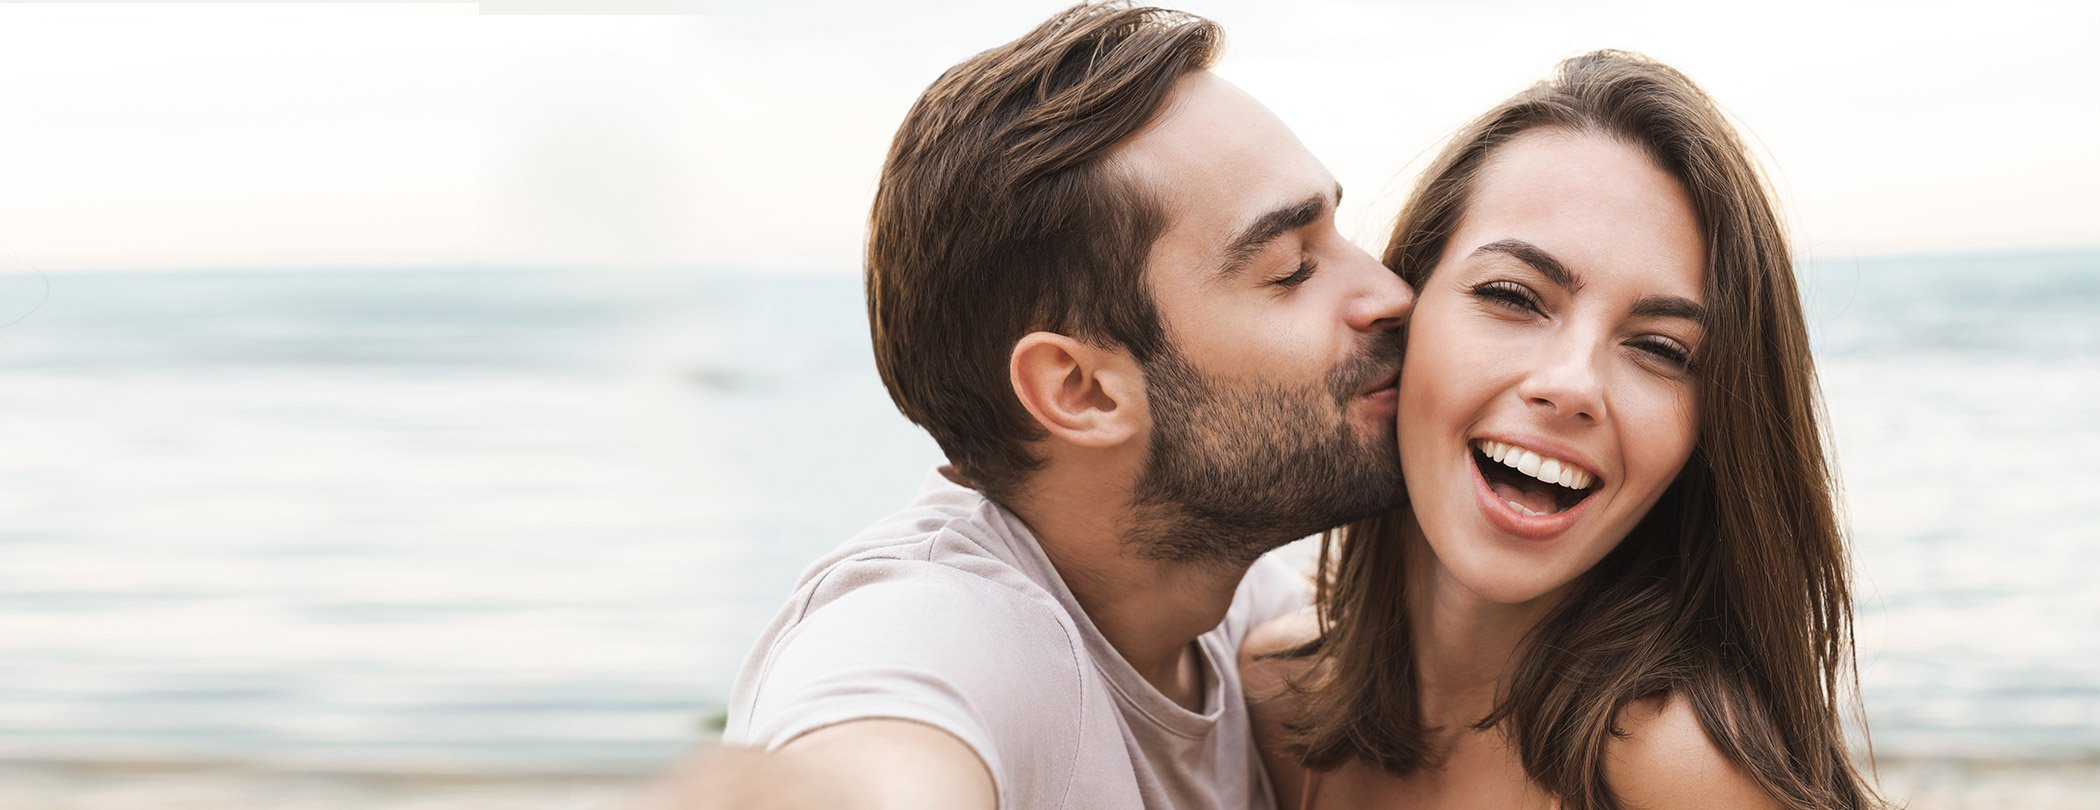 İlişkinizle ilgili kafana takılanlar mı var? Sevgilin sana gerçekten aşık mı?  Tanışmadan ilk buluşmaya, flörtten ayrılığa aşka dair her şey burada!